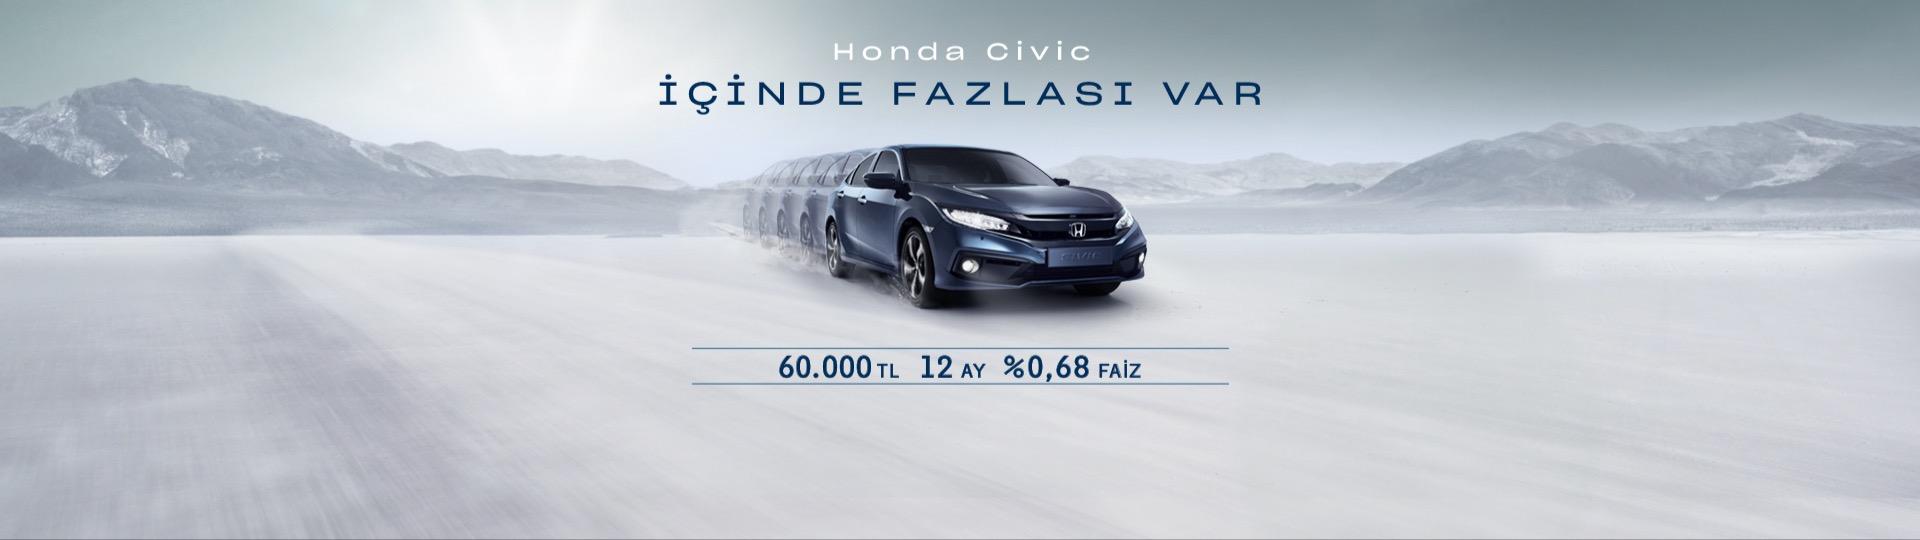 Honda Plaza  Park Civic Sedan Hayalinize %0,68'lik Faiz Oranıyla Sahip Olun